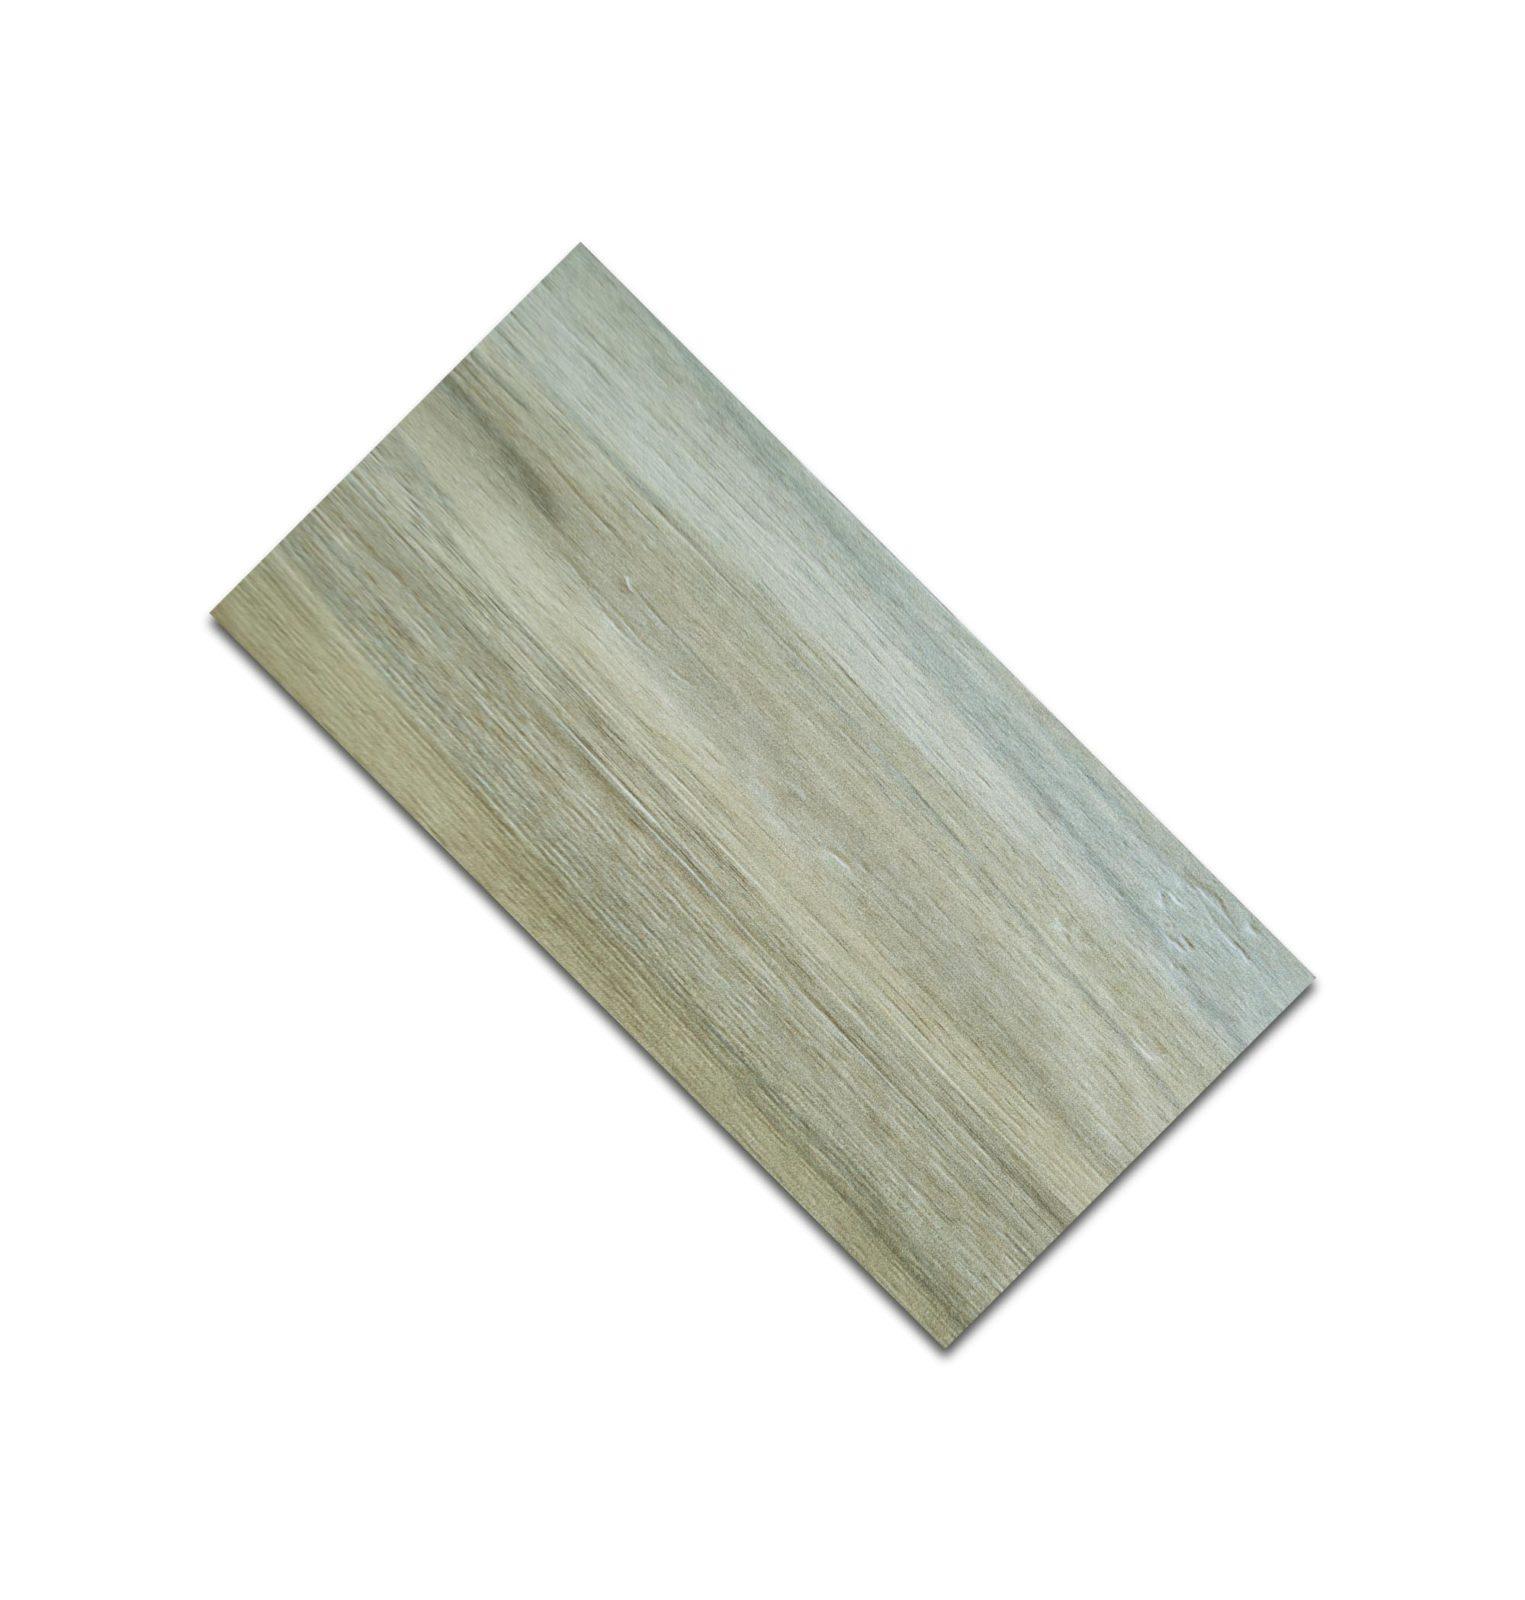 20 x 20 ceramic tile